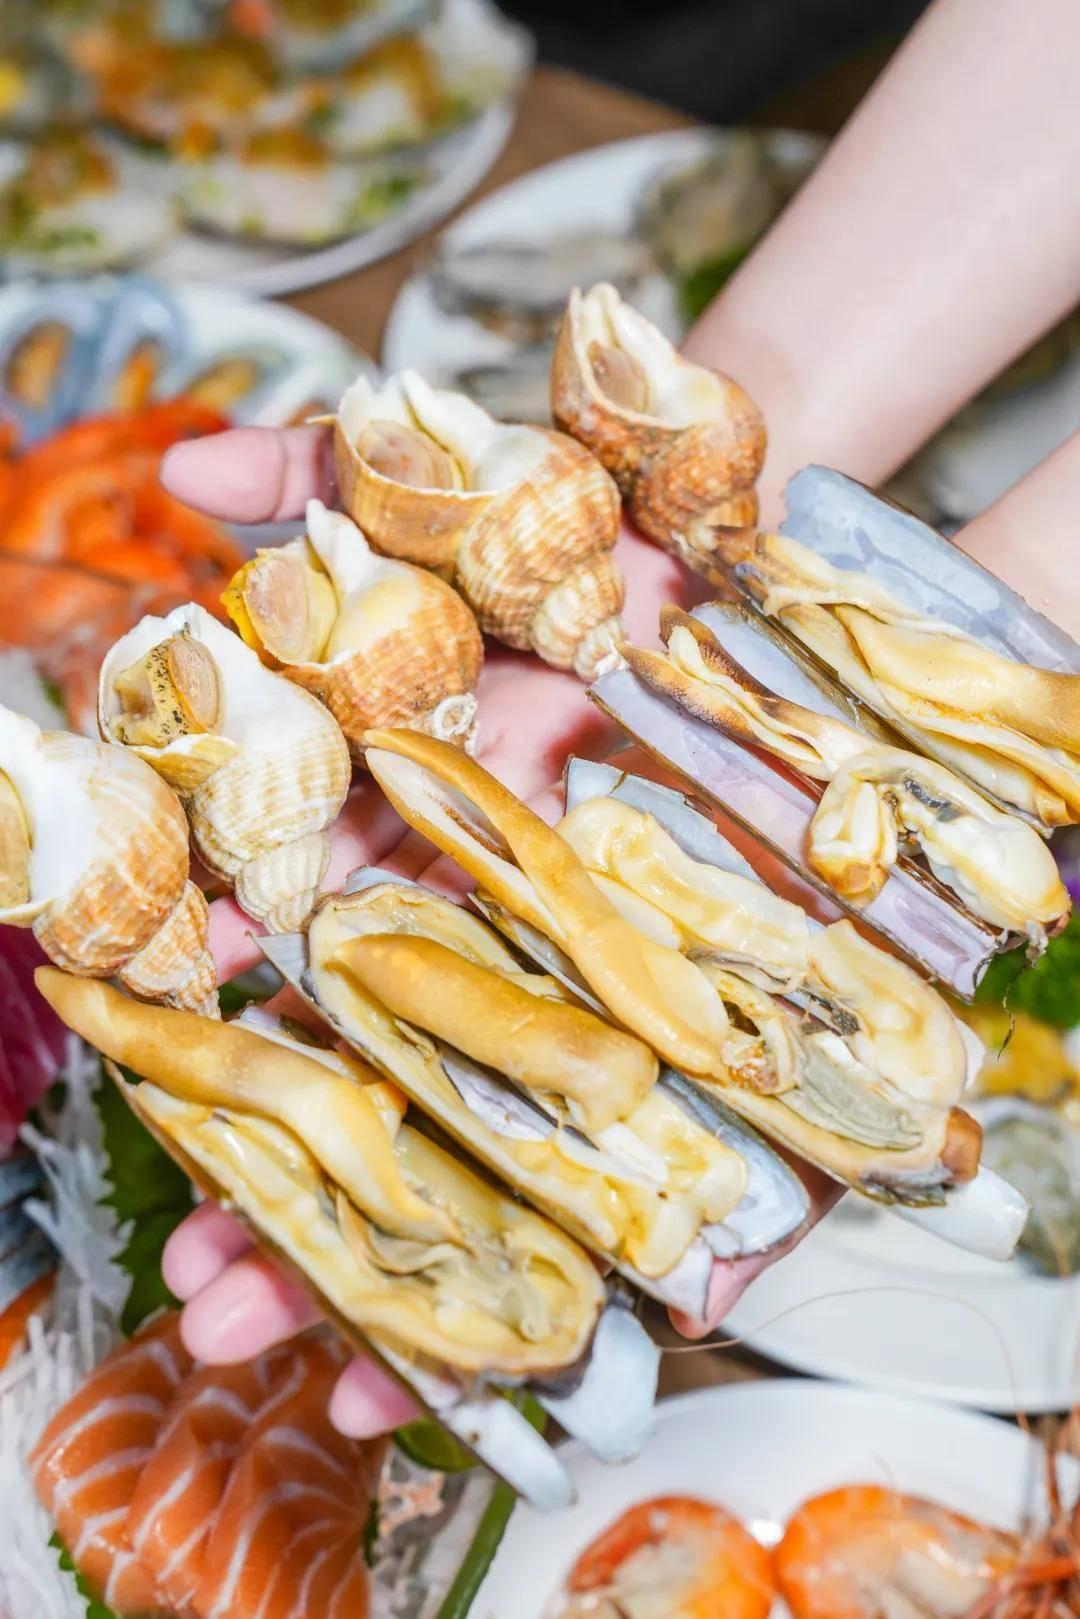 【深圳·福田自助餐】99/位万德诺富特自助午餐--爆款返场!苏格兰生蚝、内蒙古羊肉、20+款海鲜刺身统统畅吃!